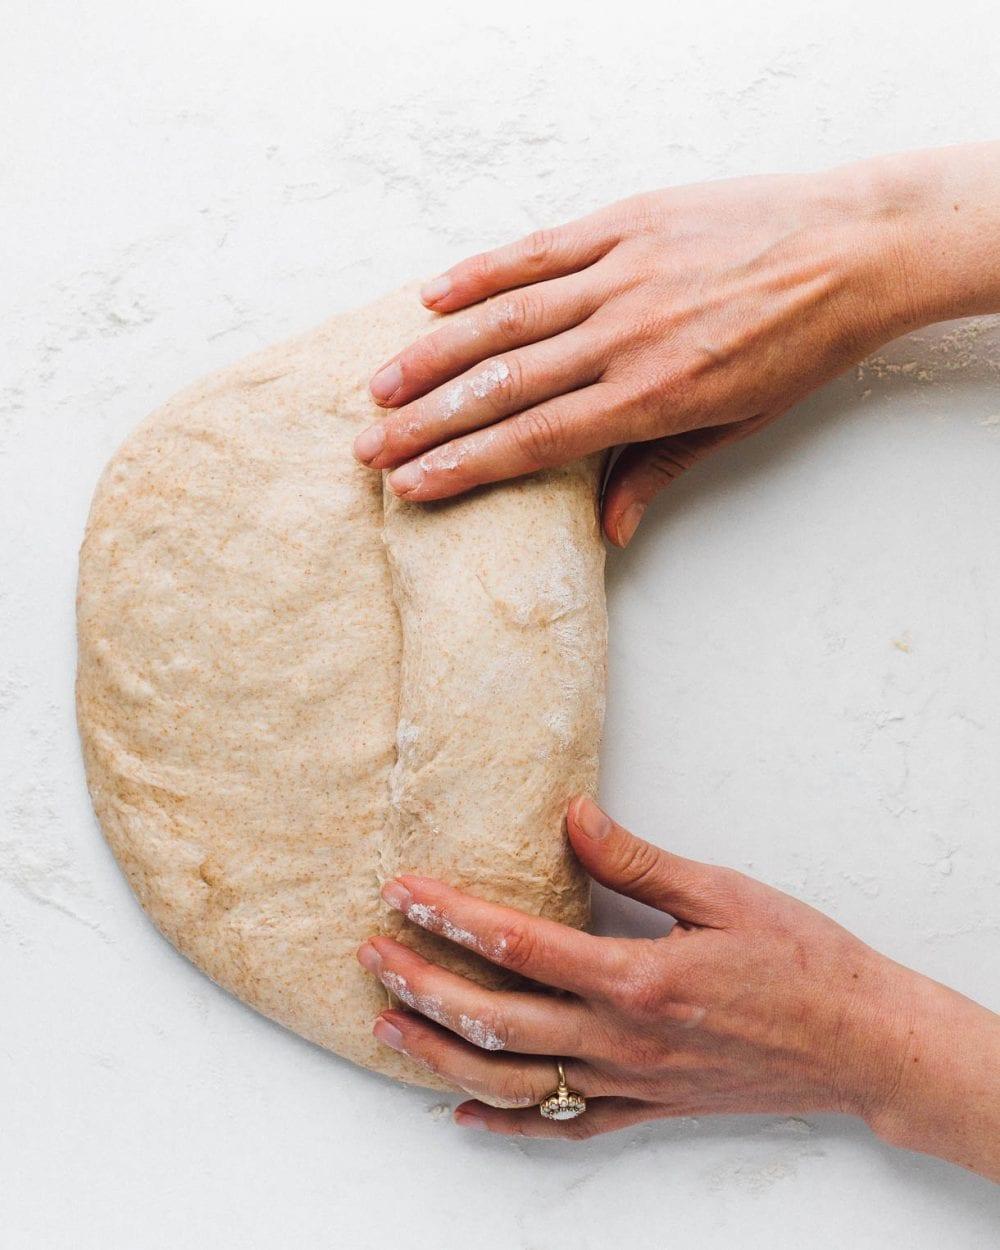 shaping sourdough sandwich bread